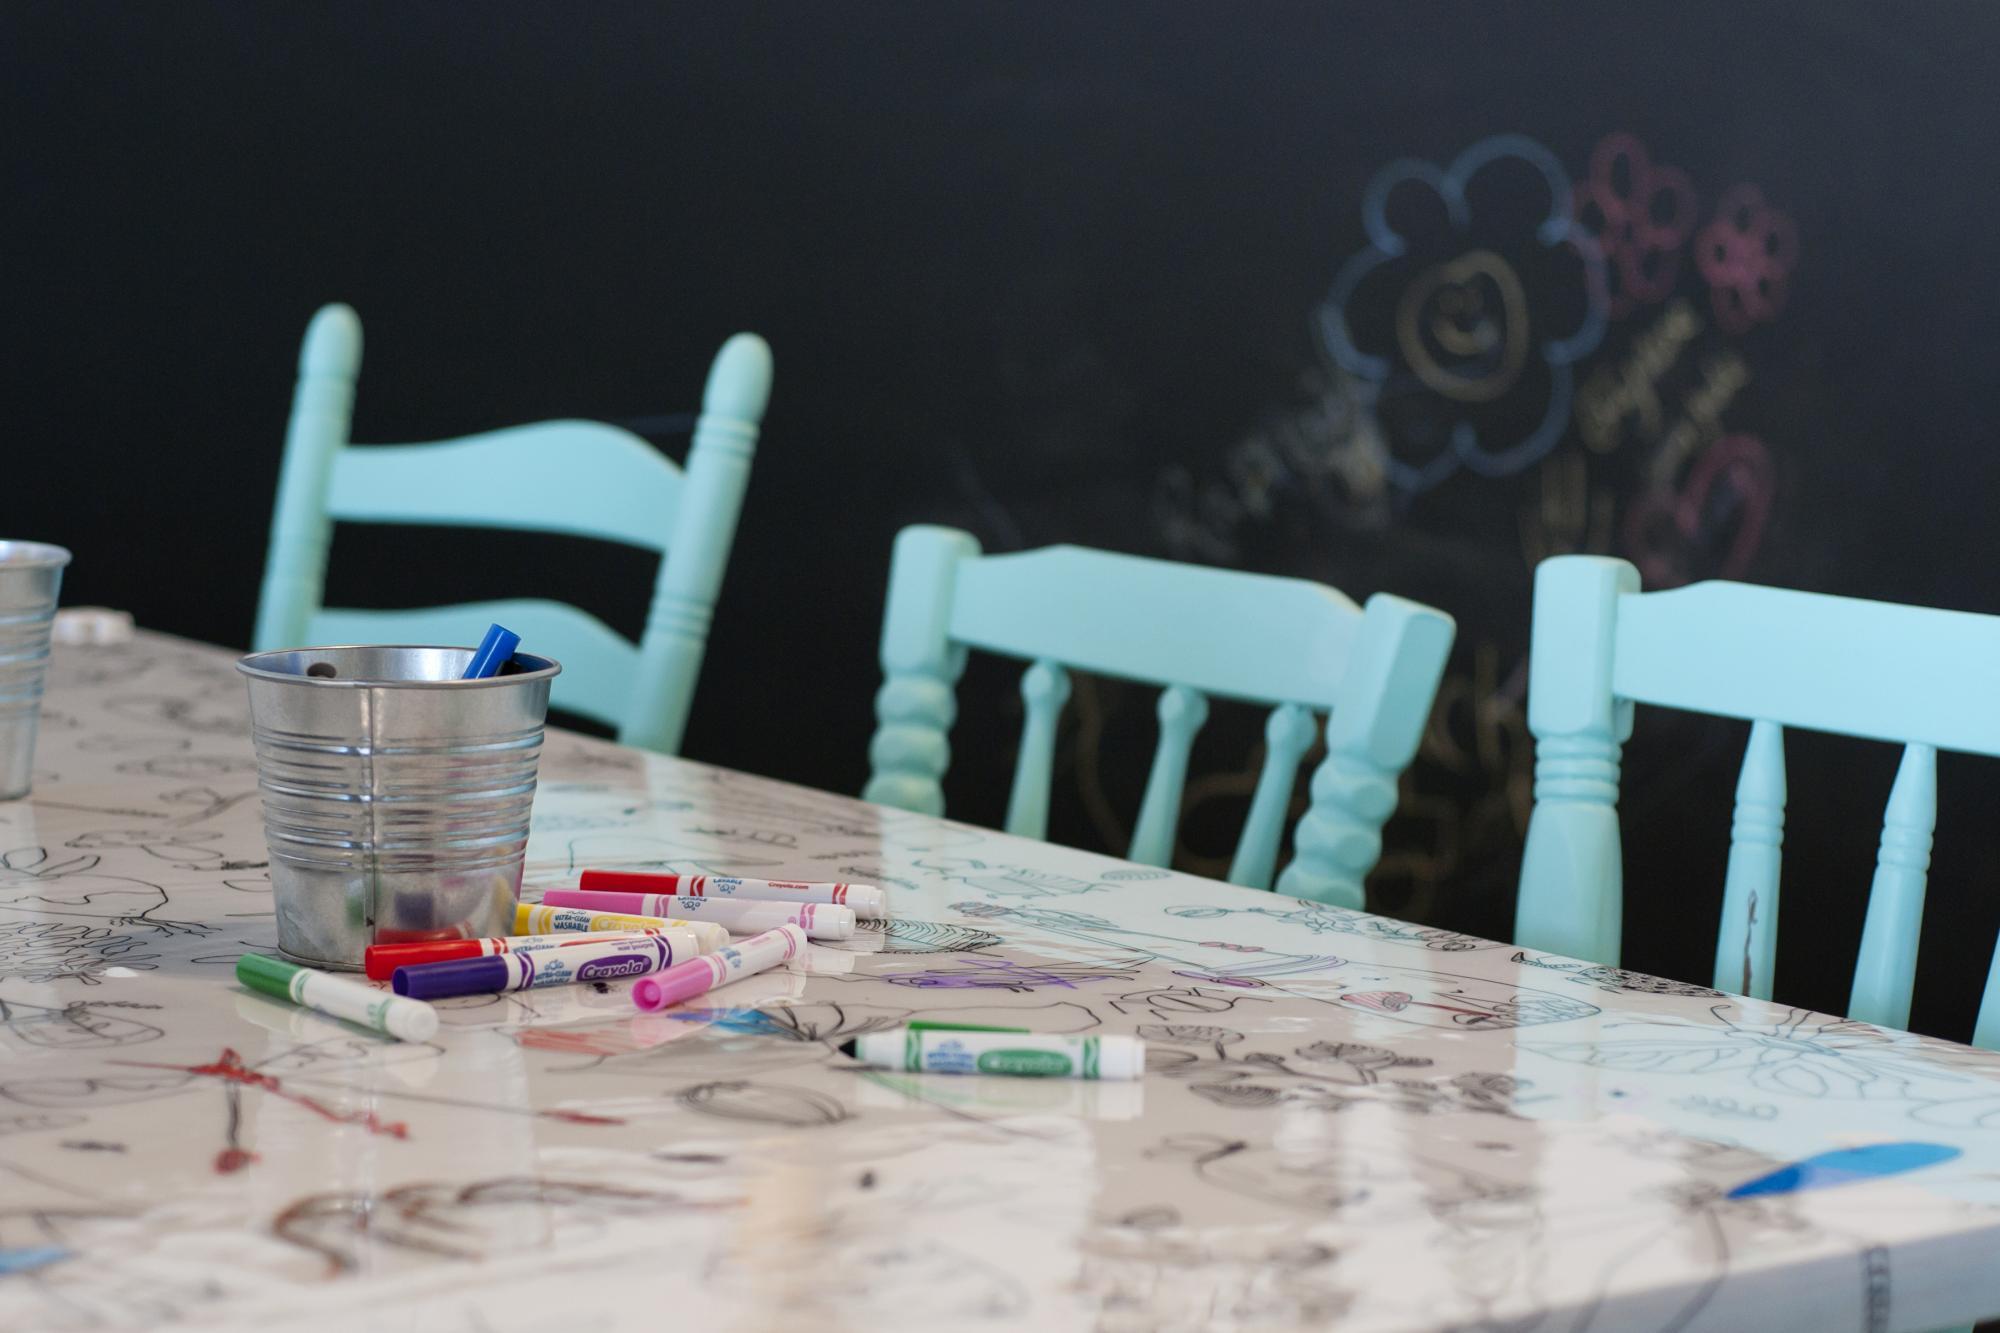 Au Dix30, arrêtez-vous à l'espace famille Les Z'enfantillages où tout a été pensé afin d'accueillir vos petits dans ce café-boutique absolument charmant!